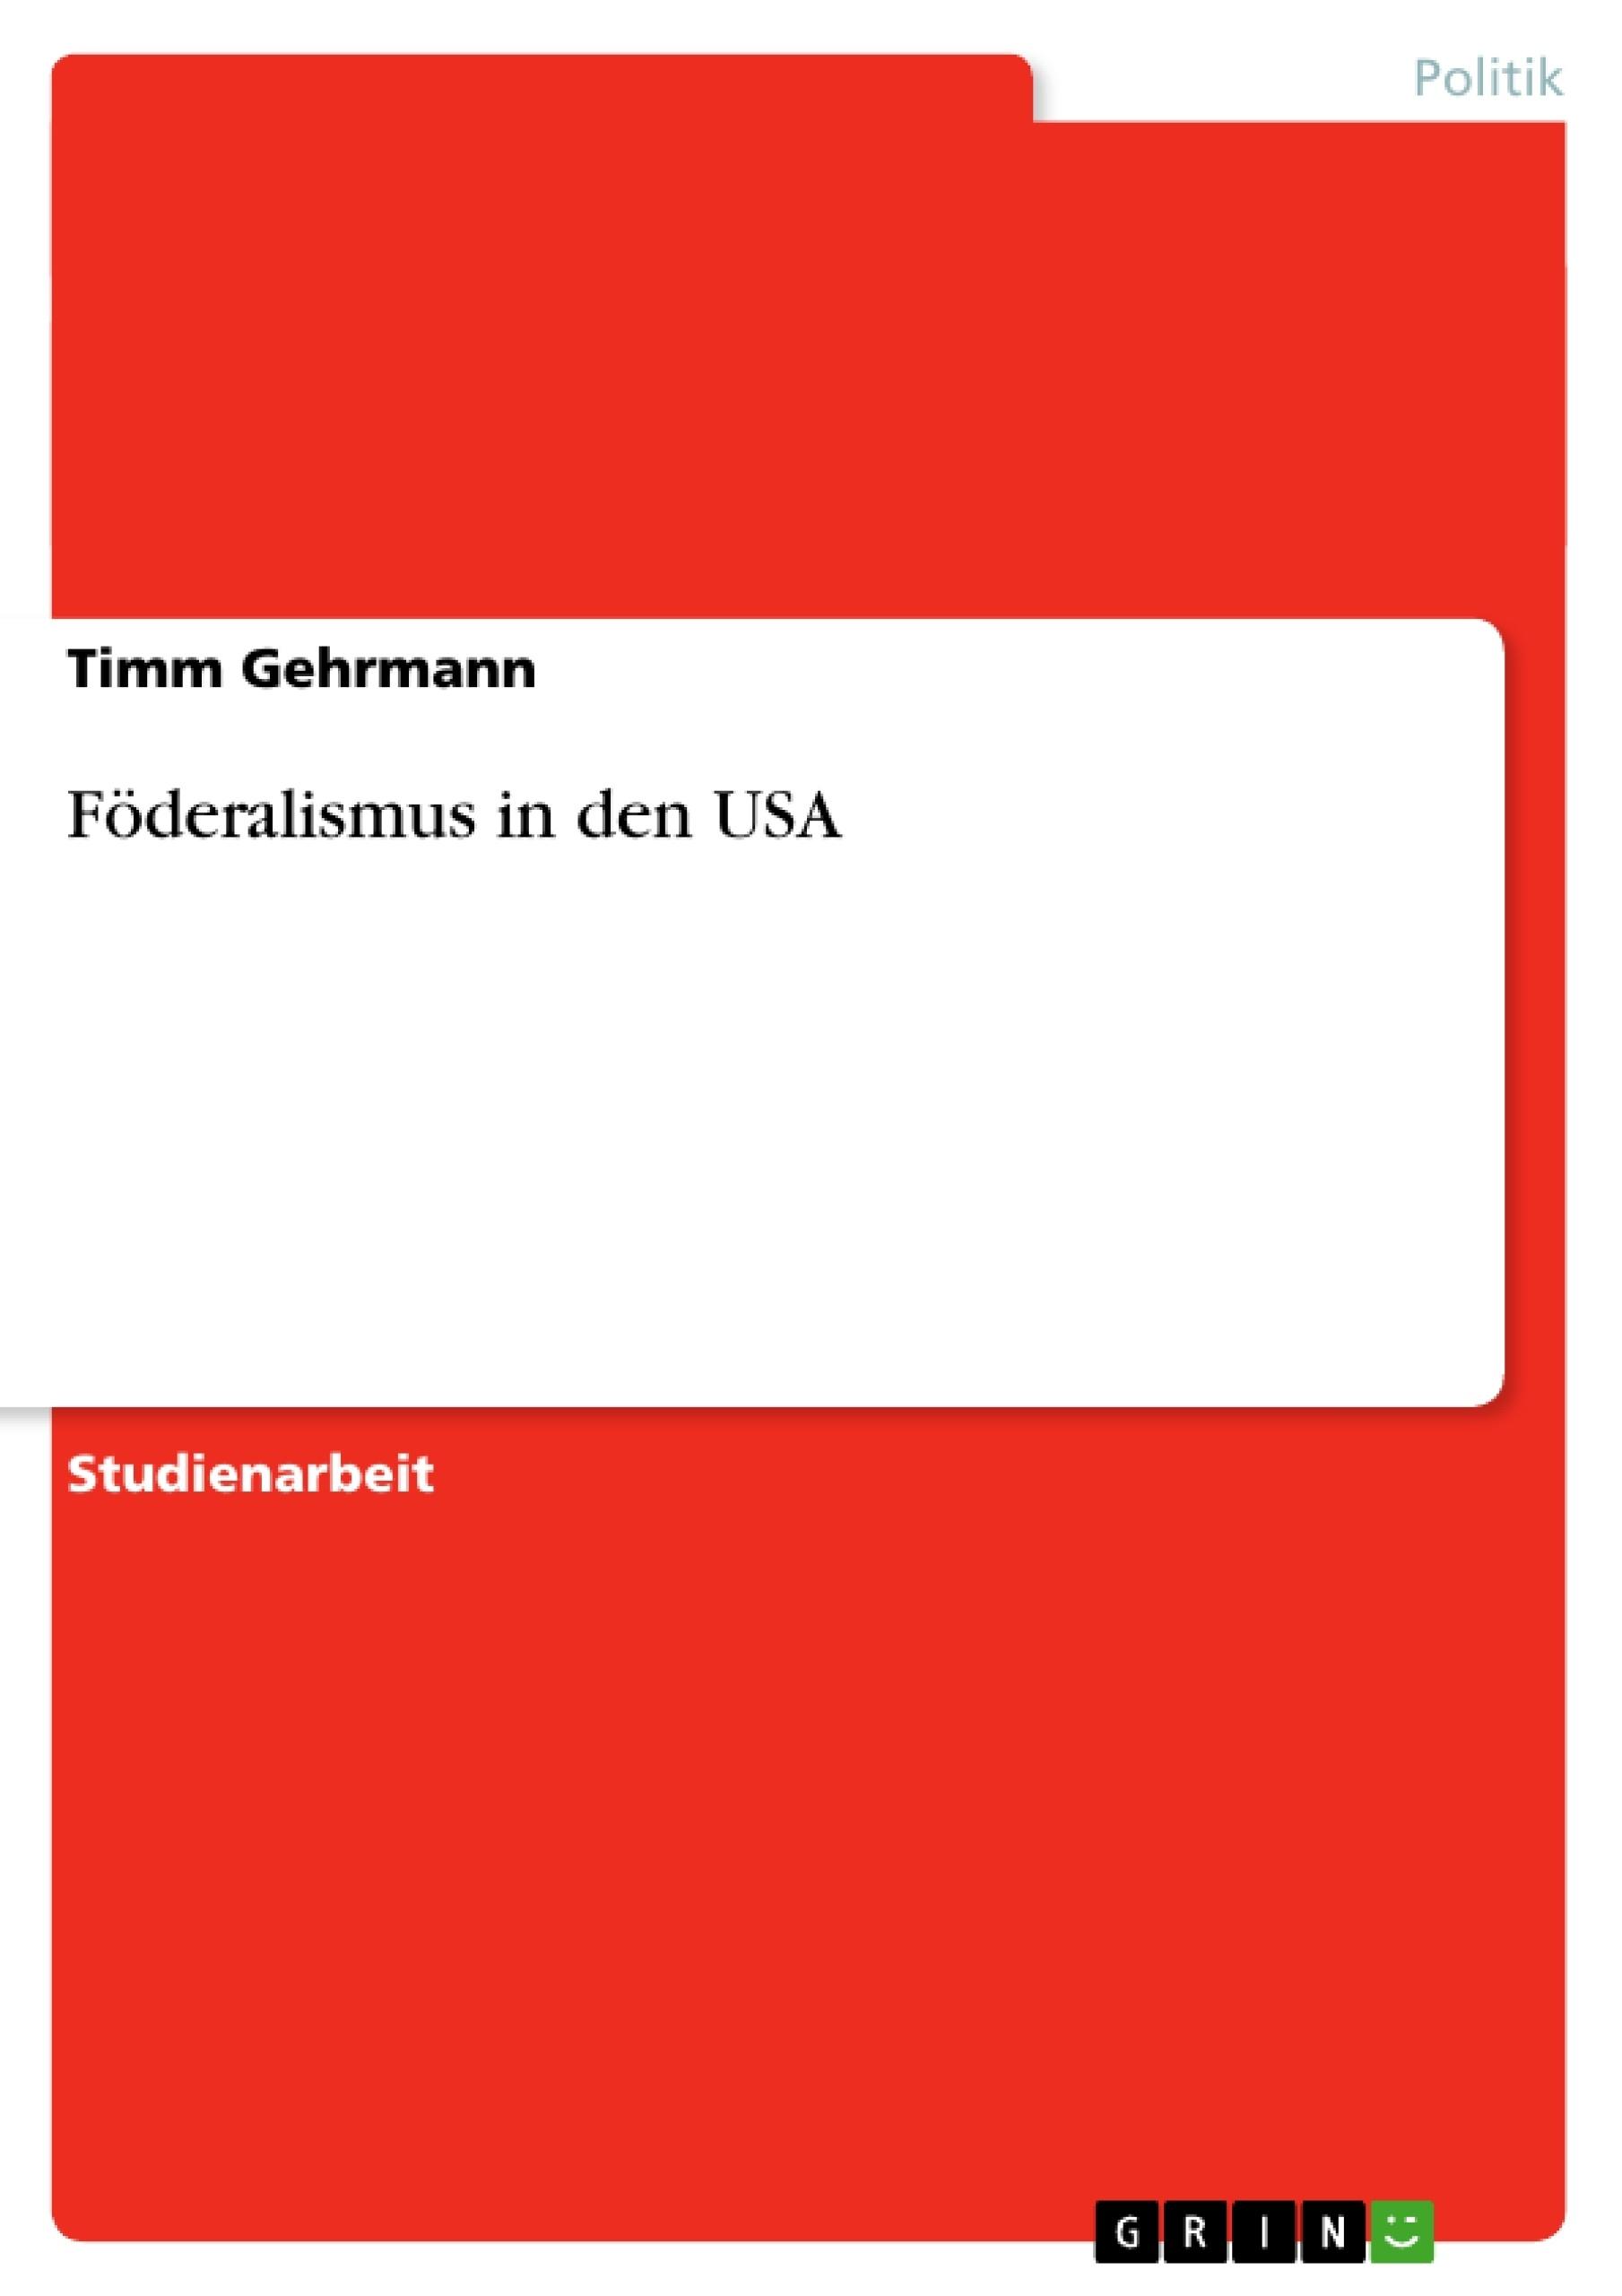 Titel: Föderalismus in den USA